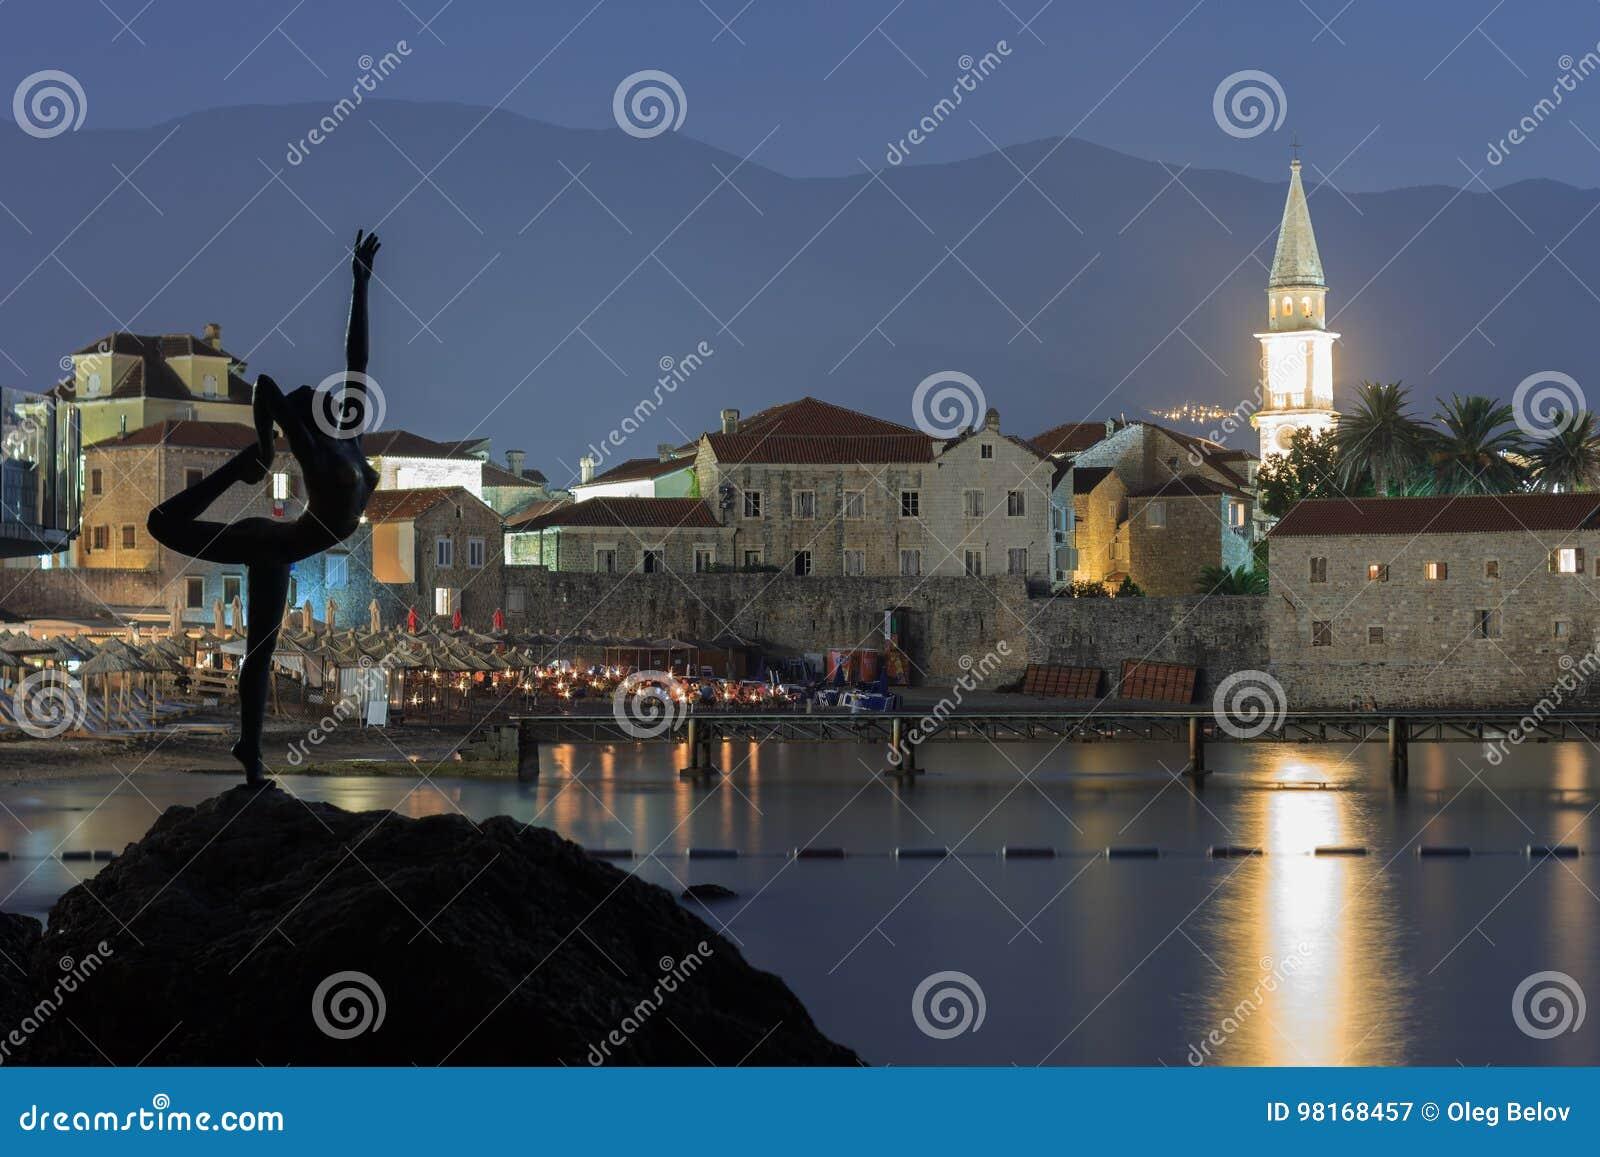 BUDVA, ΜΑΥΡΟΒΟΎΝΙΟ - 9 ΑΥΓΟΎΣΤΟΥ 2014: Μνημείο στο ballerina ως σύμβολο της πόλης Budva, Μαυροβούνιο στο κλίμα